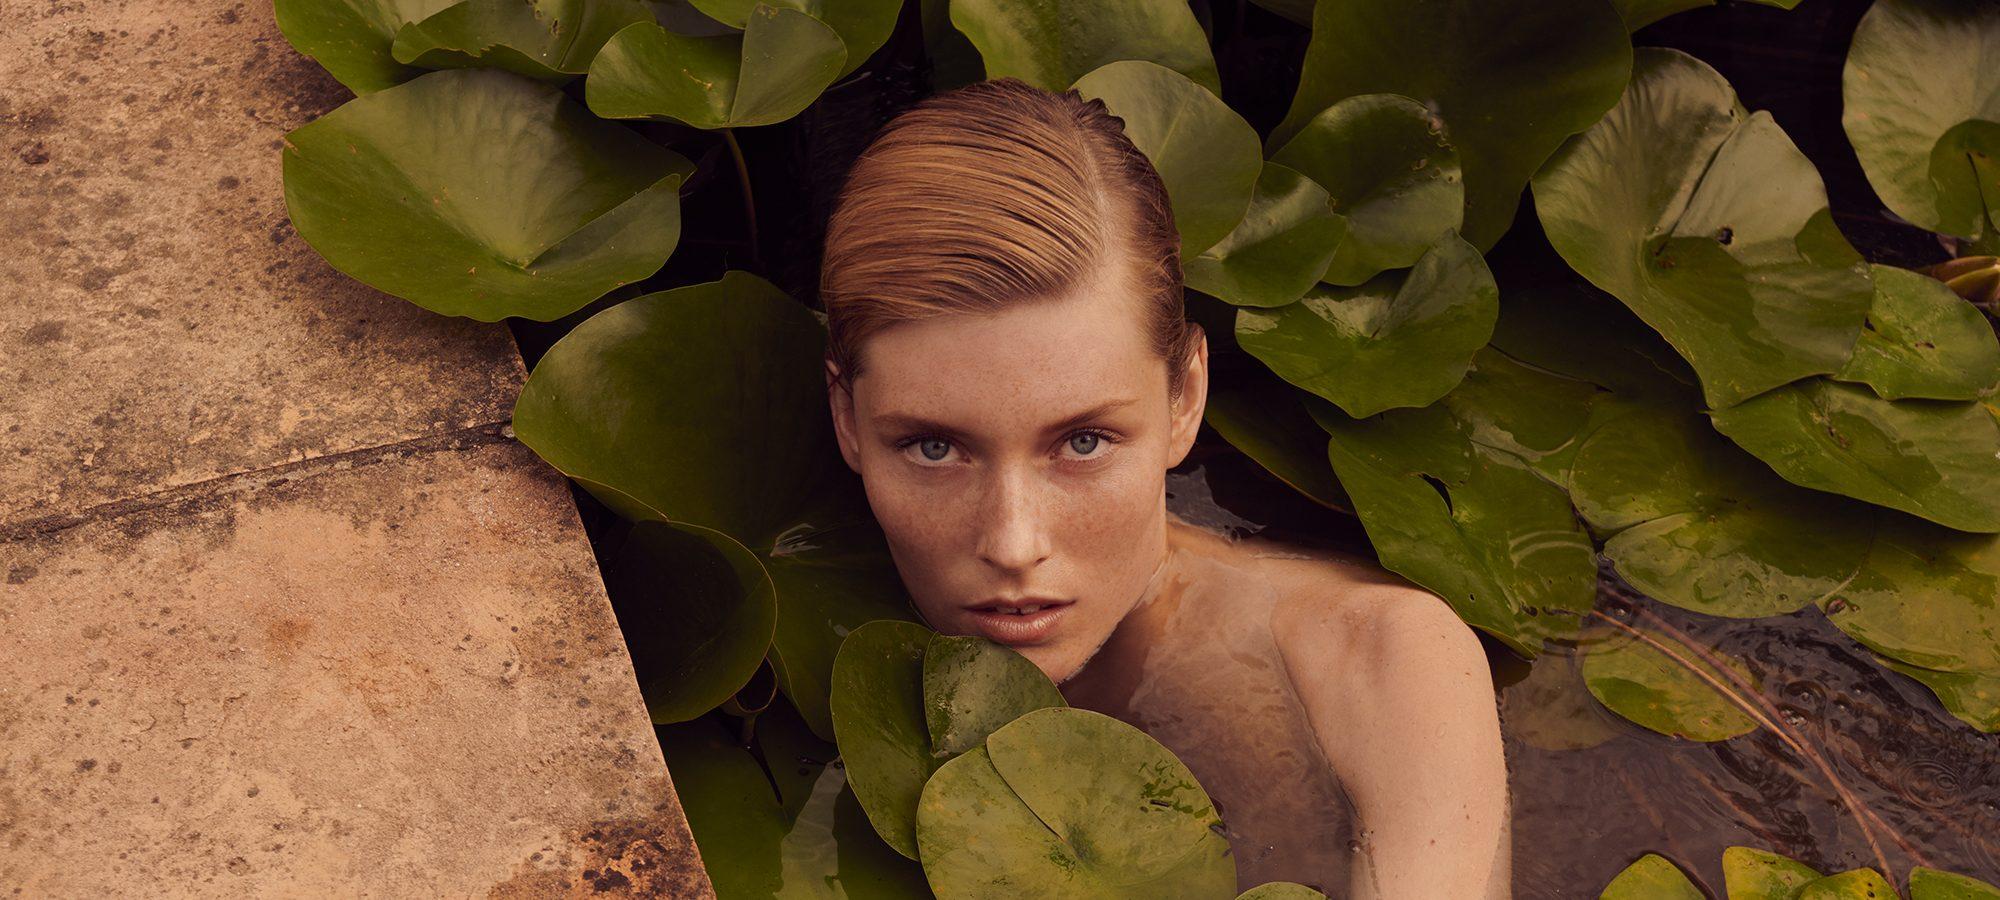 Caroline Lossberg photographed by Andreas Ortner for Vogue Portugal, September 2018